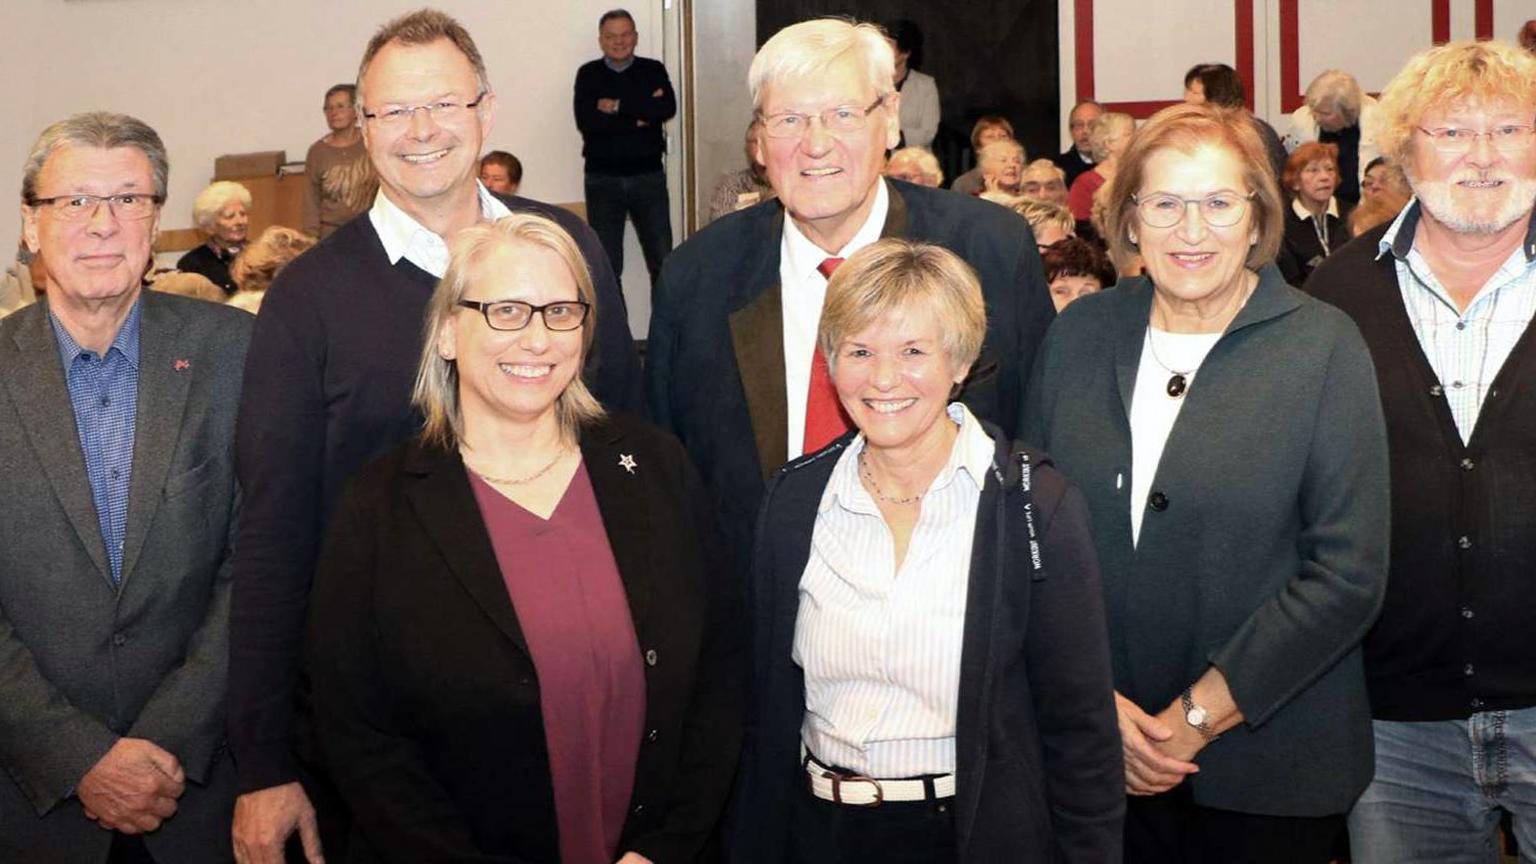 Veranstaltung zur demenzfreunlichen Kommune Oberschleißheim, 2018